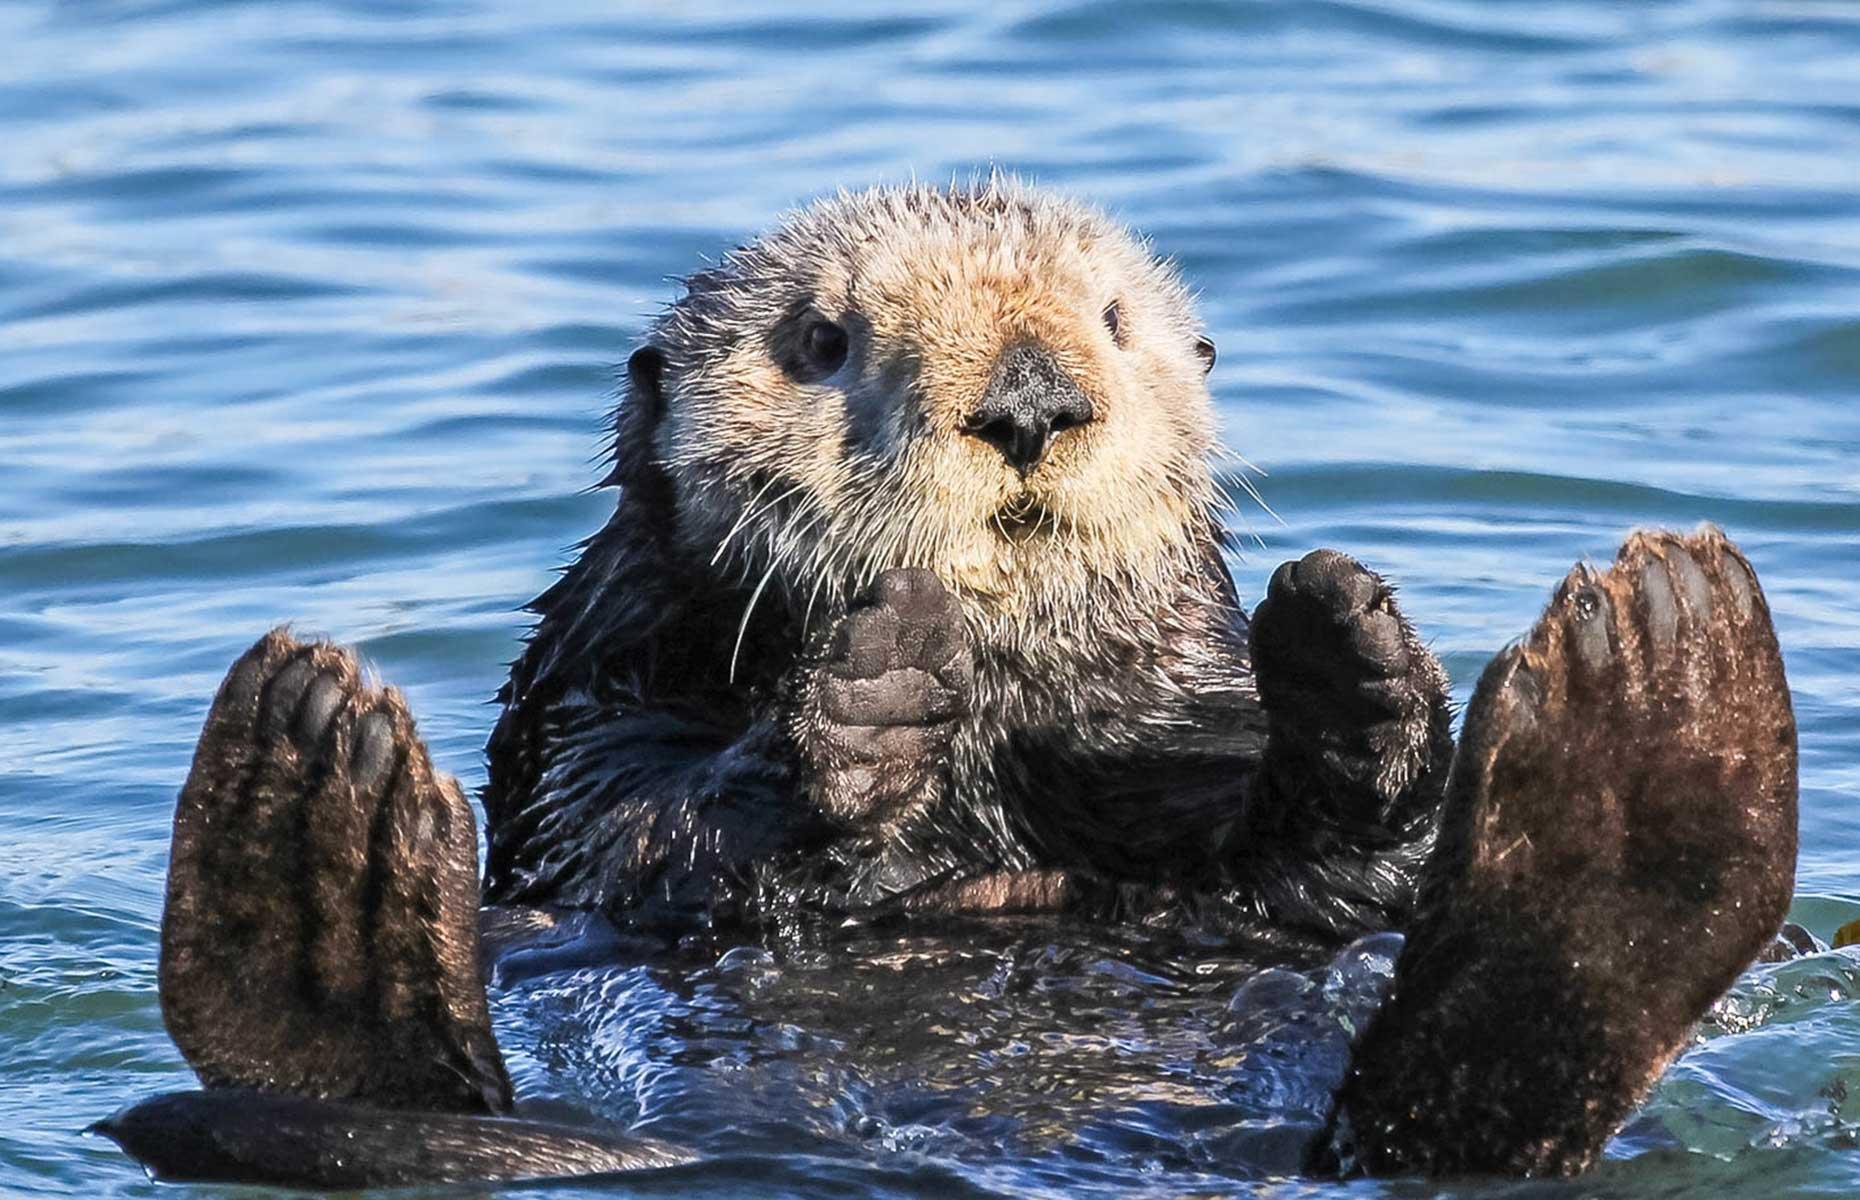 A sea otter in Morro Bay near San Luis Obispo